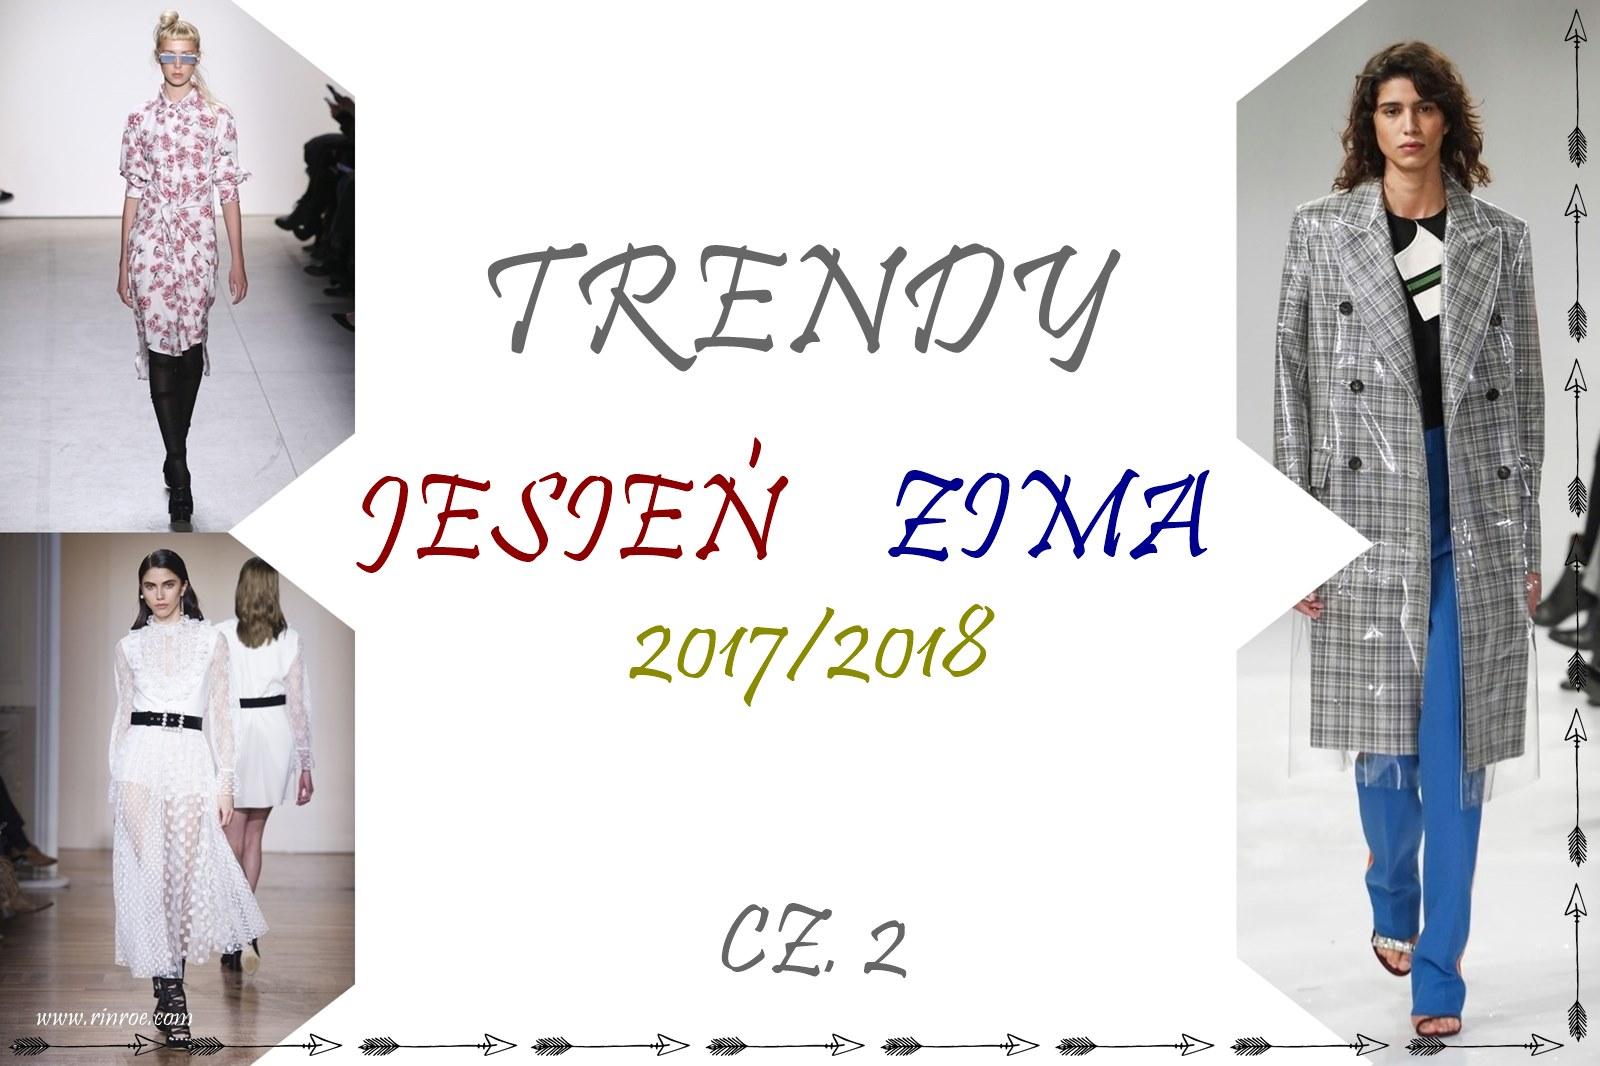 trendy jesień/zima 2017: krata, kwiaty, grochy, garnitury